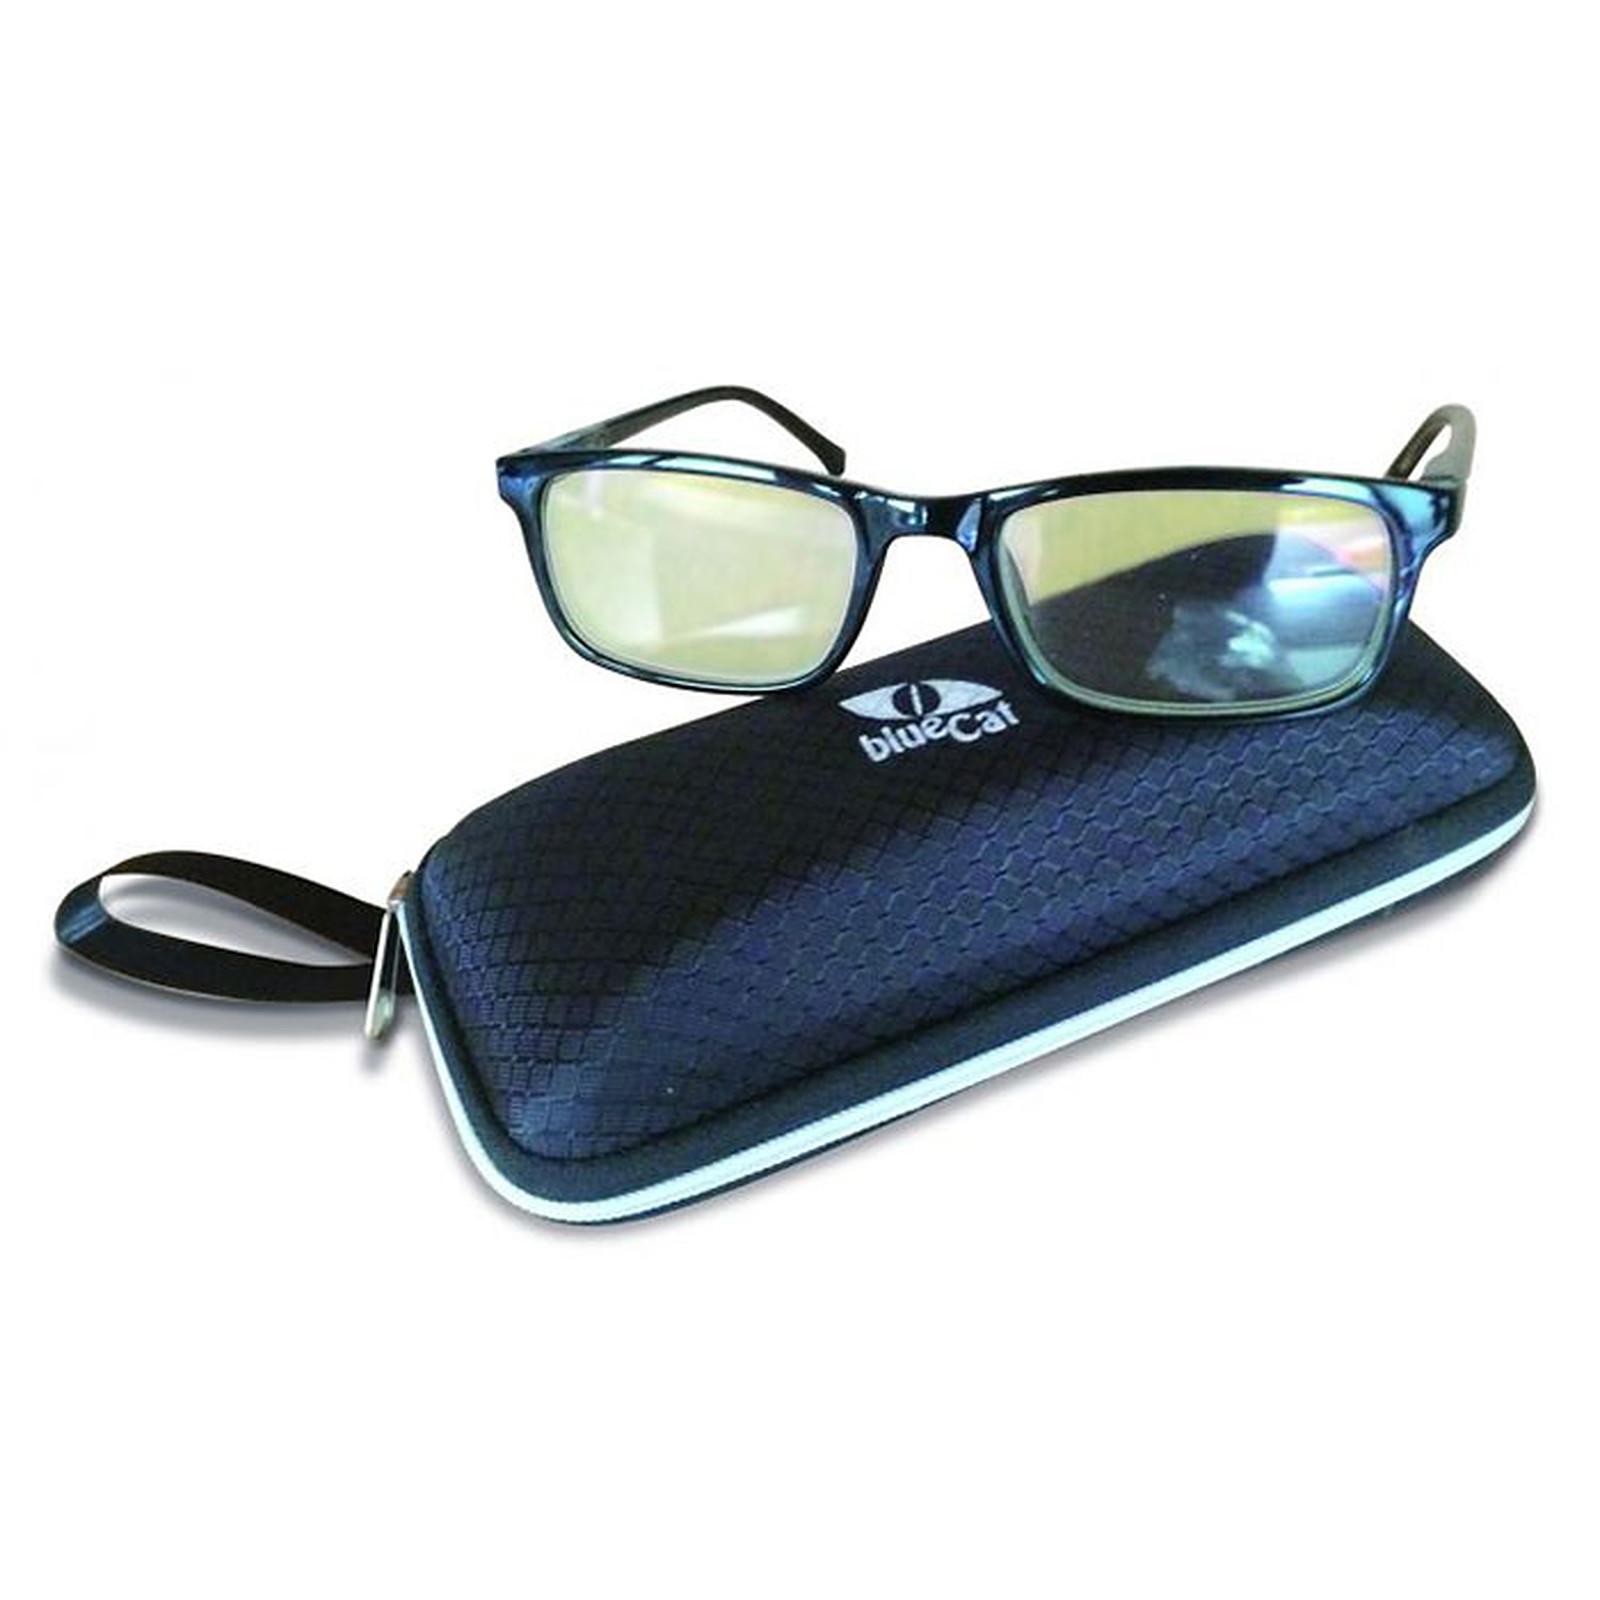 BlueCat Screen Glasses LBCSM1